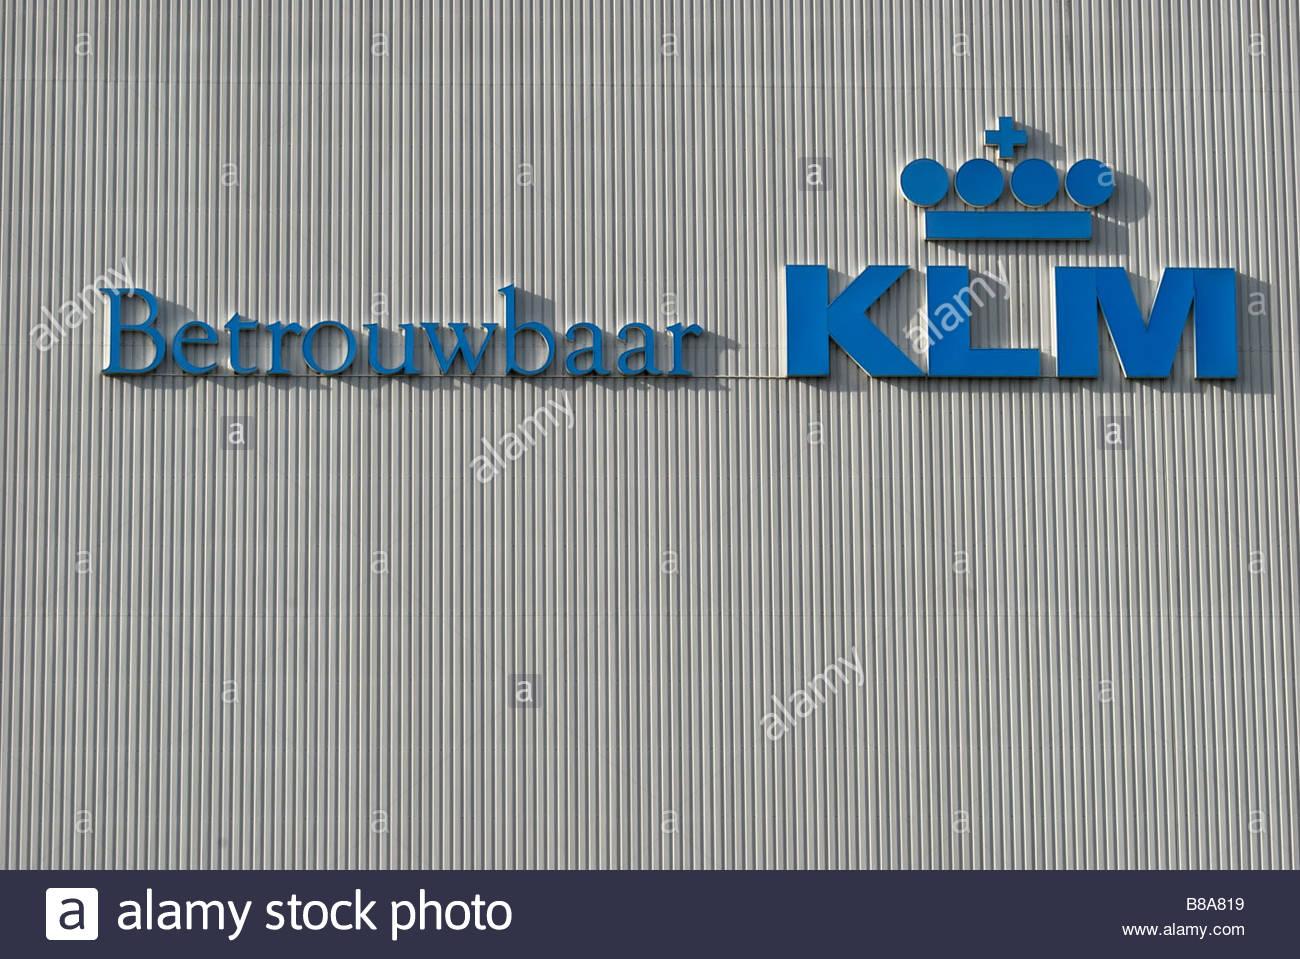 Schiphol The Netherlands 'Betrouwbaar KLM' Reliable KLM logo on a hanger. - Stock Image